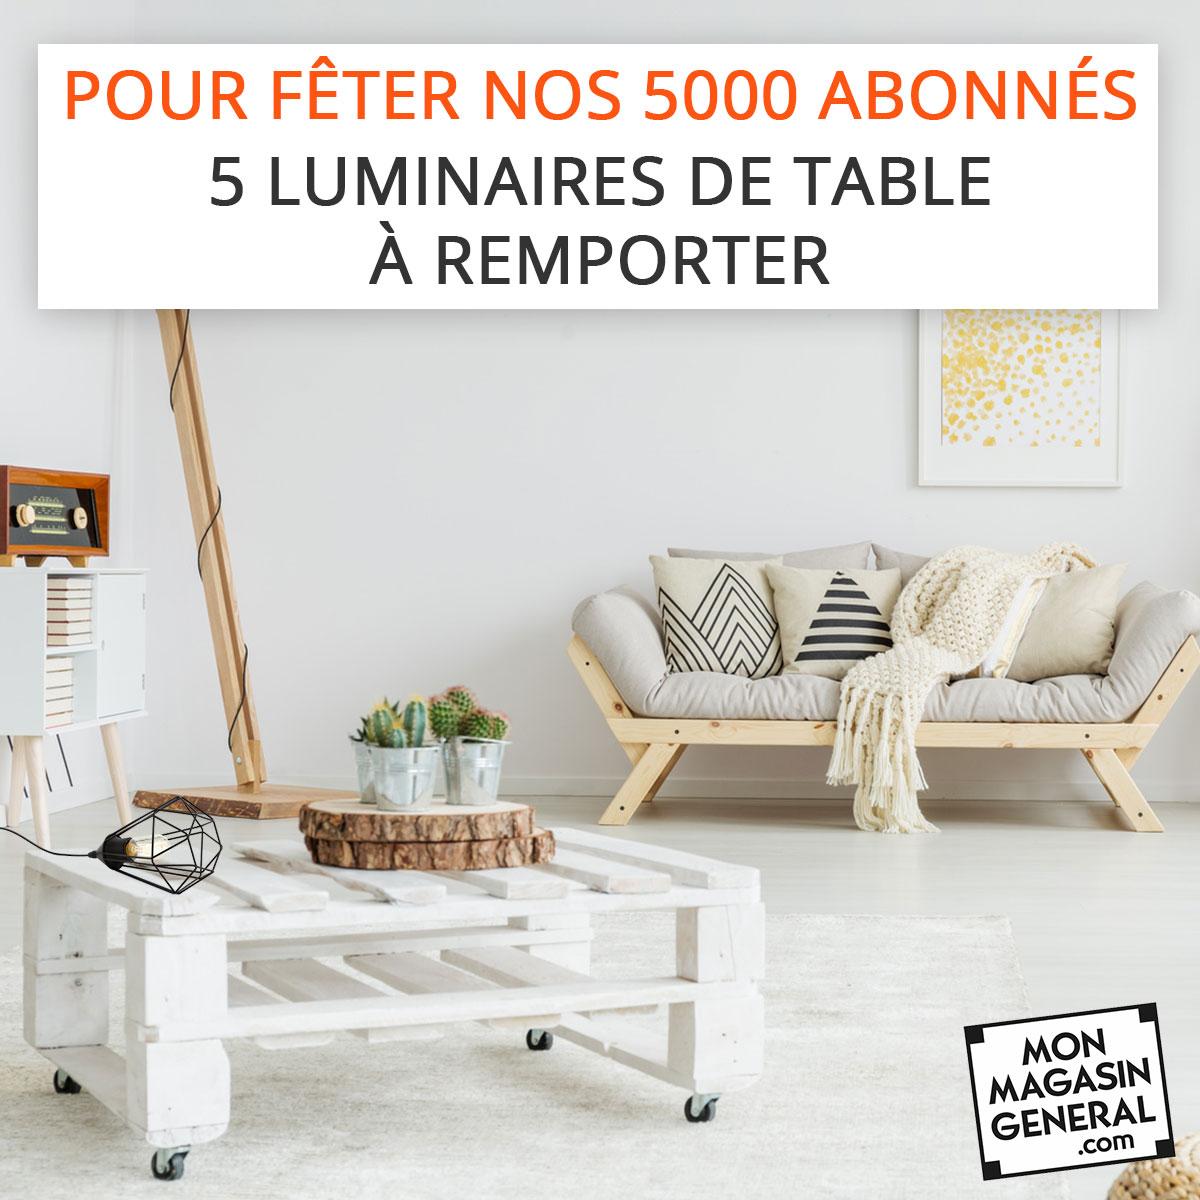 Concours Instagram 5000 abonnés Mon Magasin Général